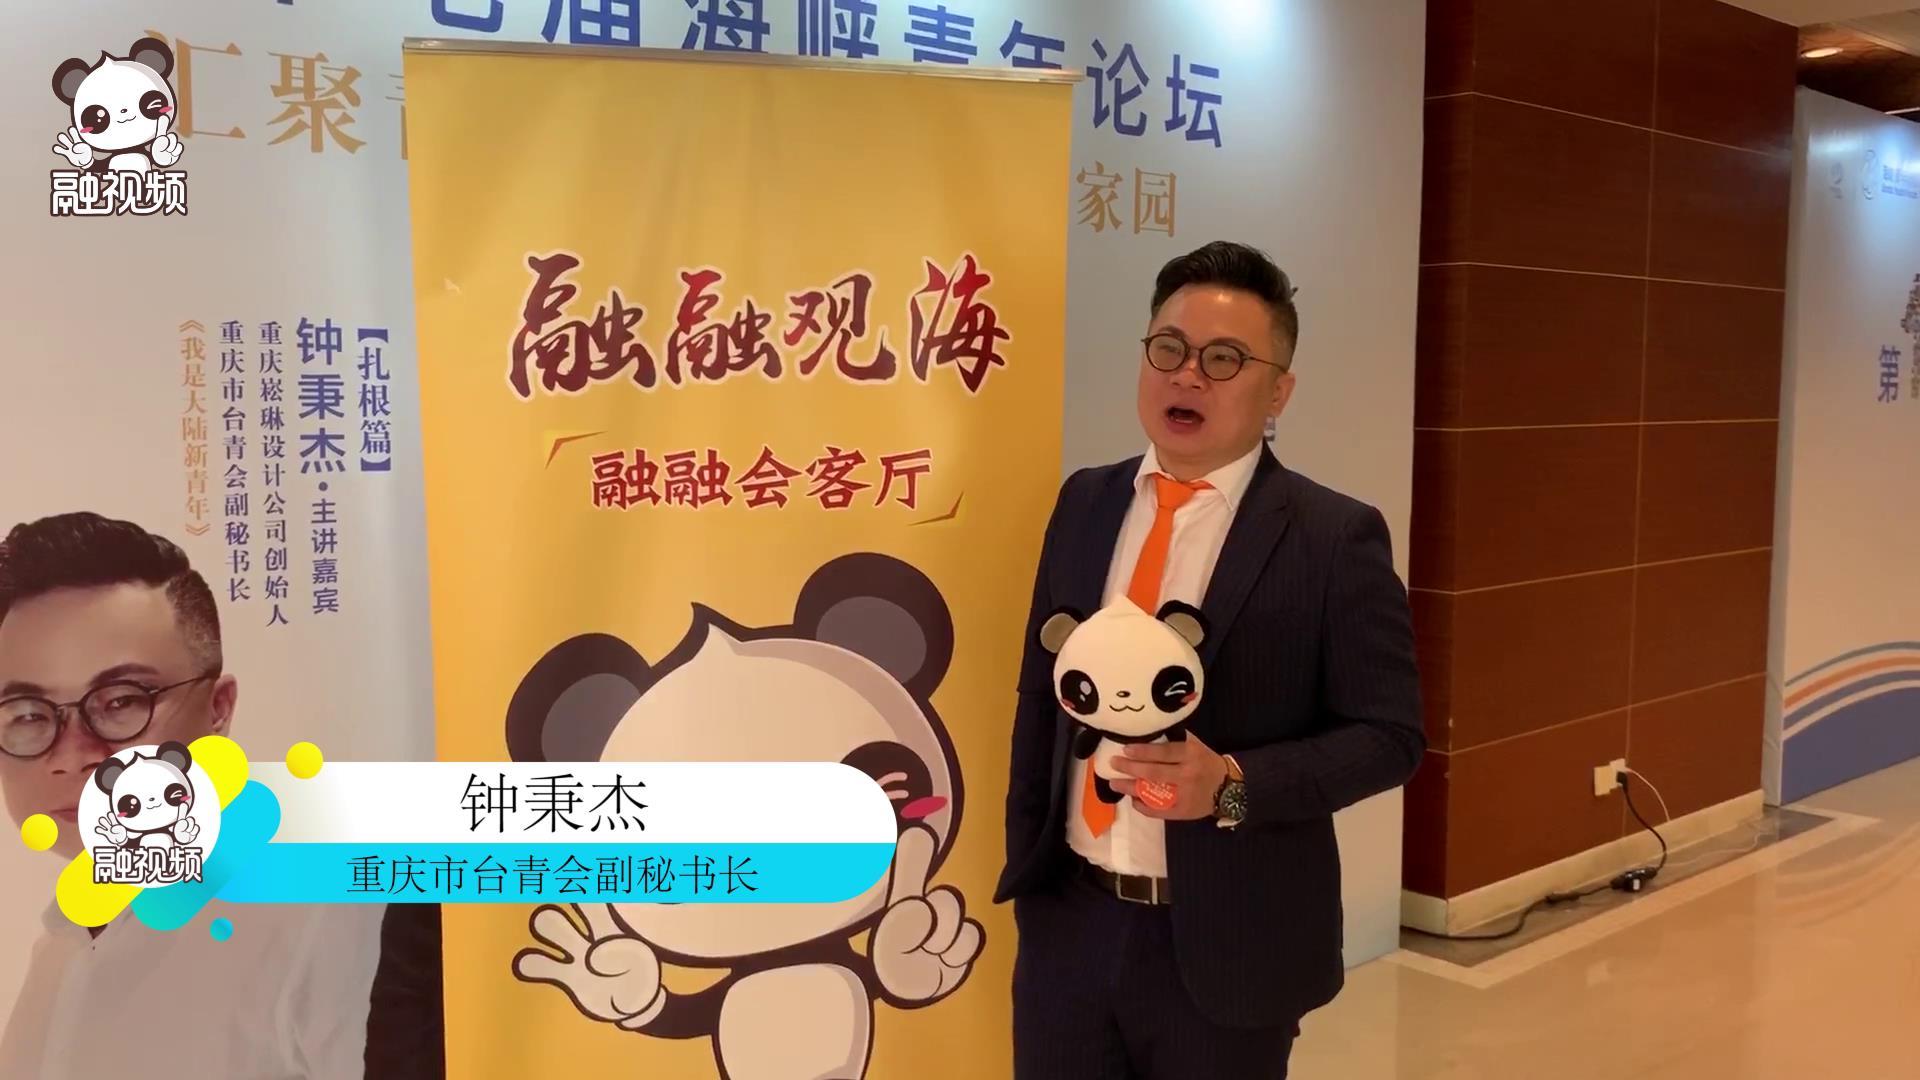 台湾青年平安夜邂逅重庆小姐姐:这一举动让他温馨无比图片